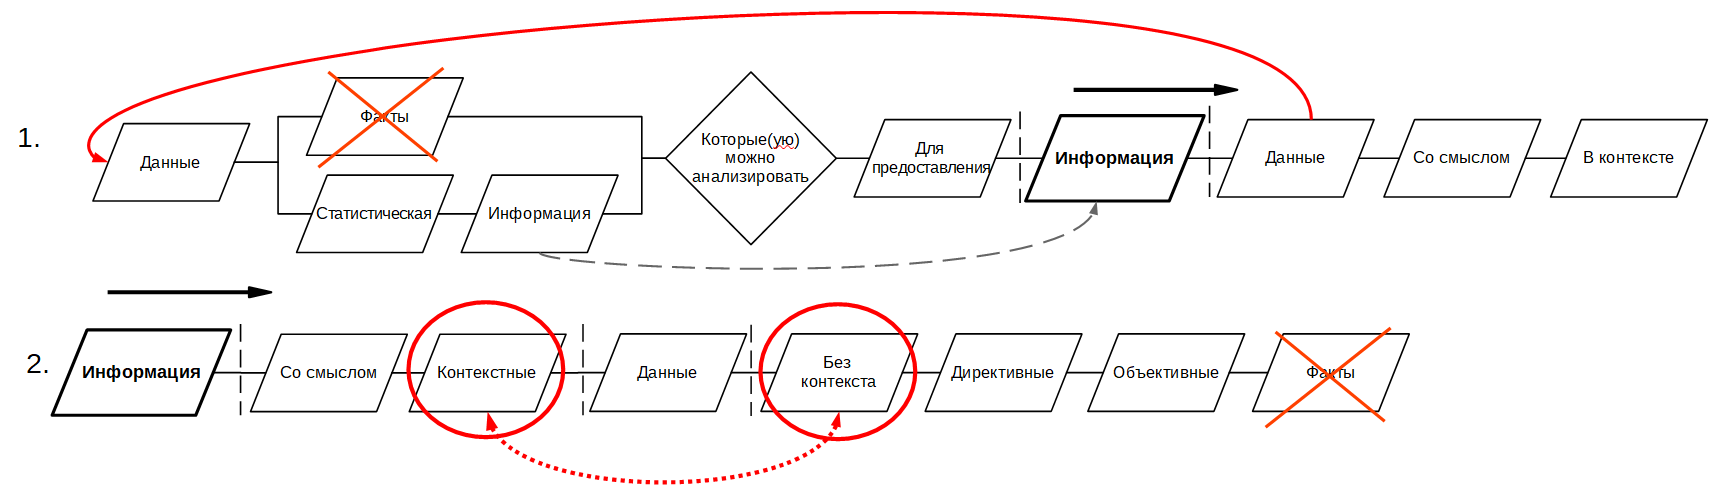 Разбираем проблемы ГОСТ Р 53894-2016 «Менеджмент знаний. Термины и определения» - 2